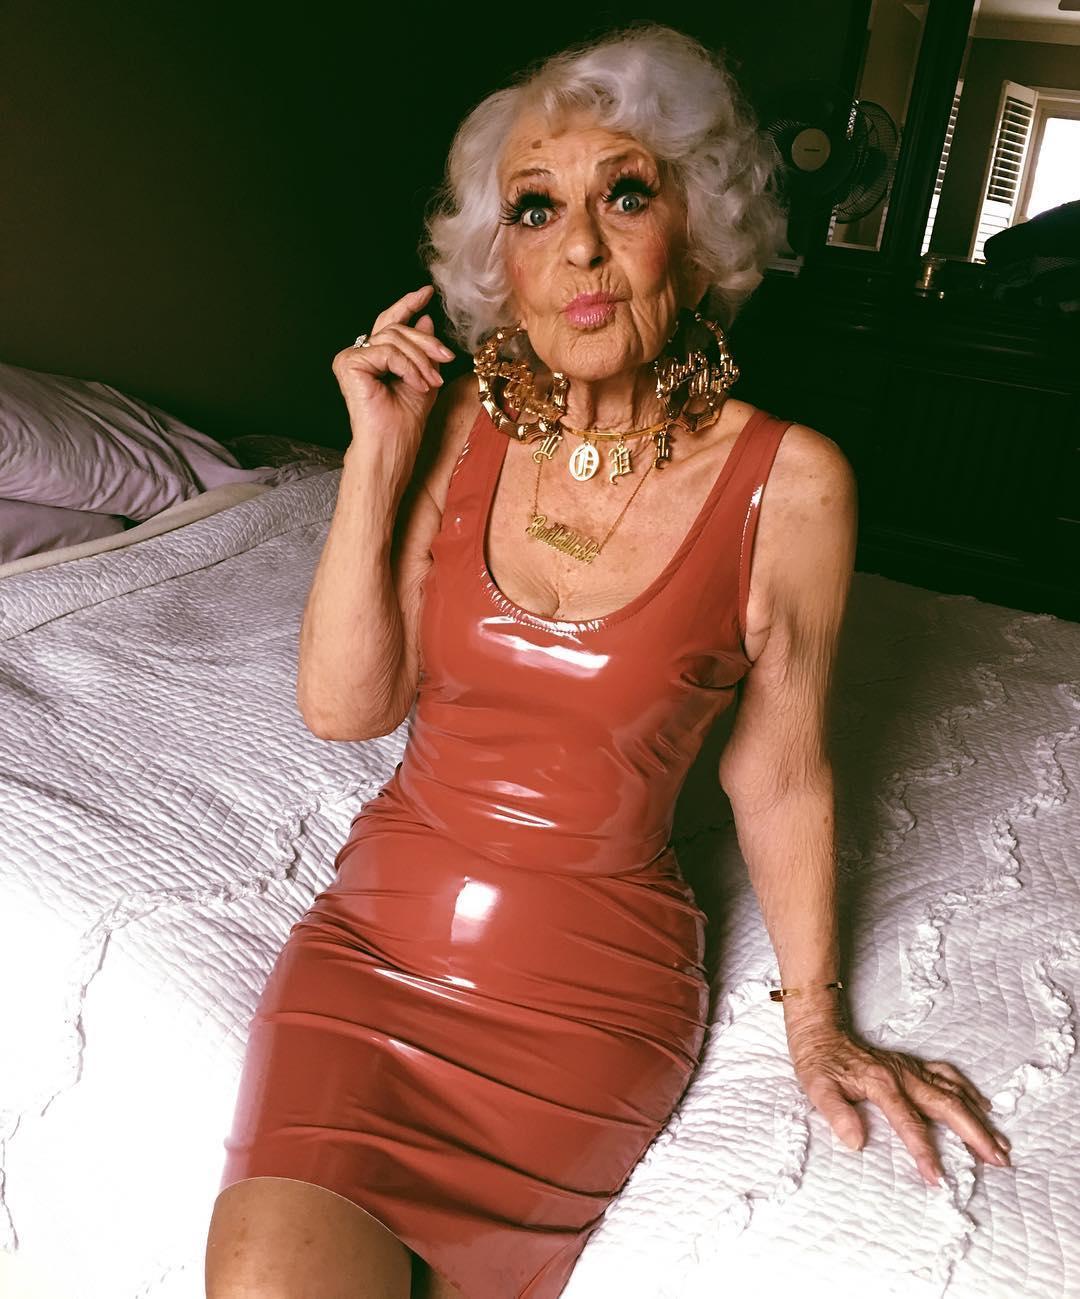 Эта бабуля покорила Интернет, ведь она не стесняется оголять плечи и ярко краситься